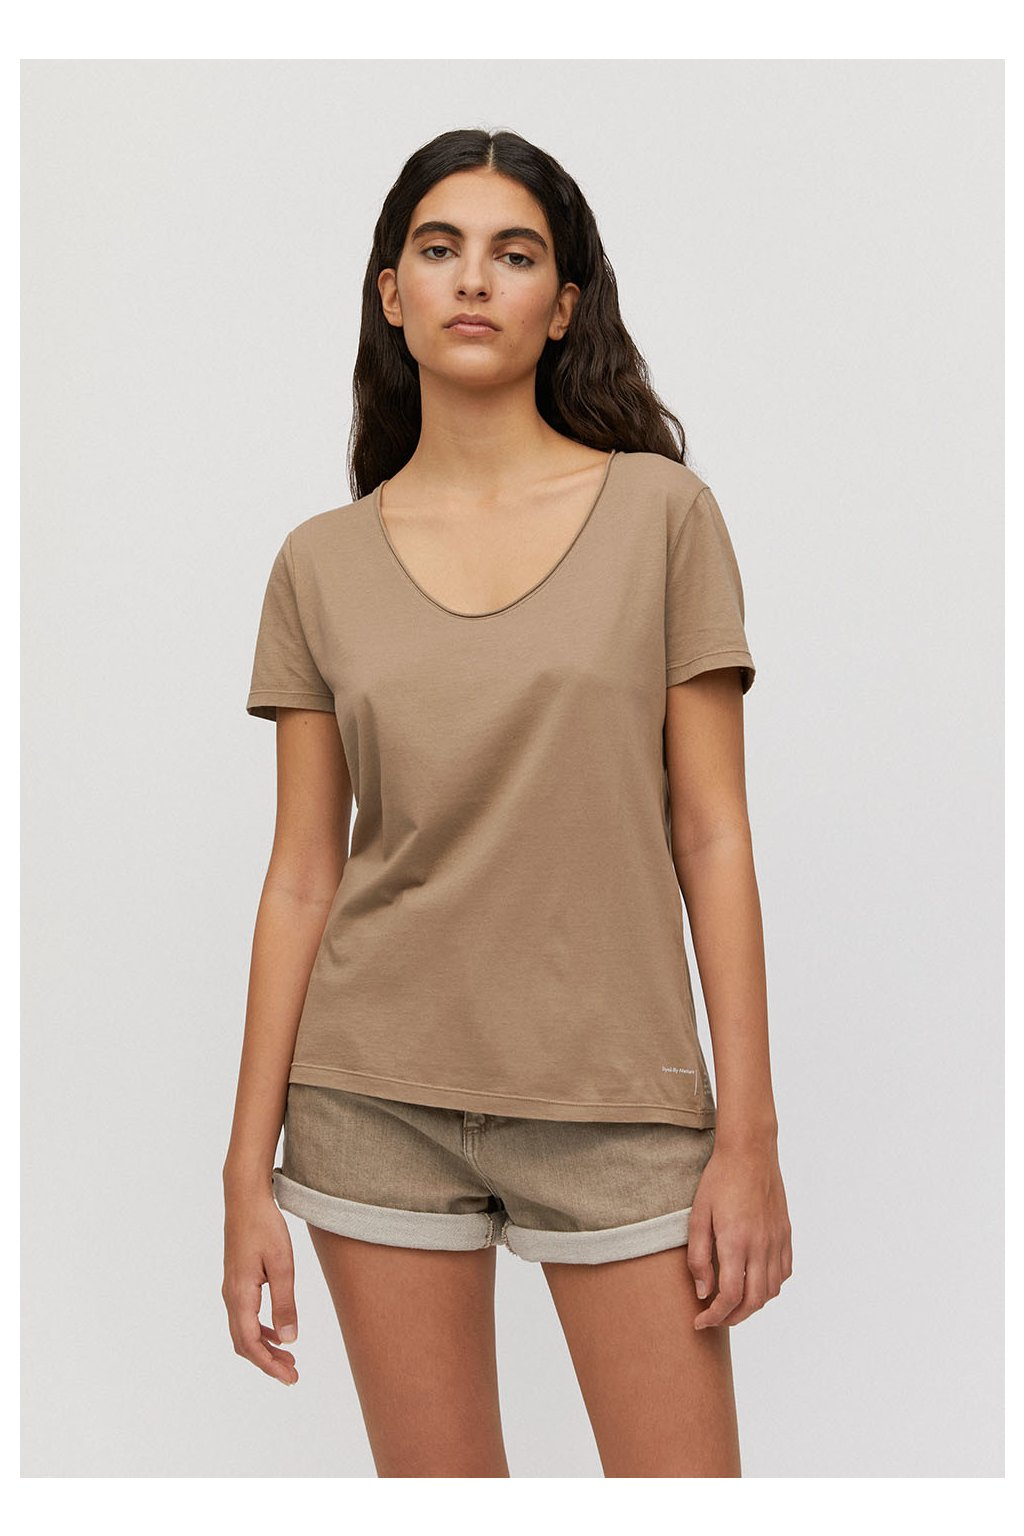 """Dámské béžové tričko """"HAADIA DYED BY NATURE natural sand"""" (Velikost L)"""